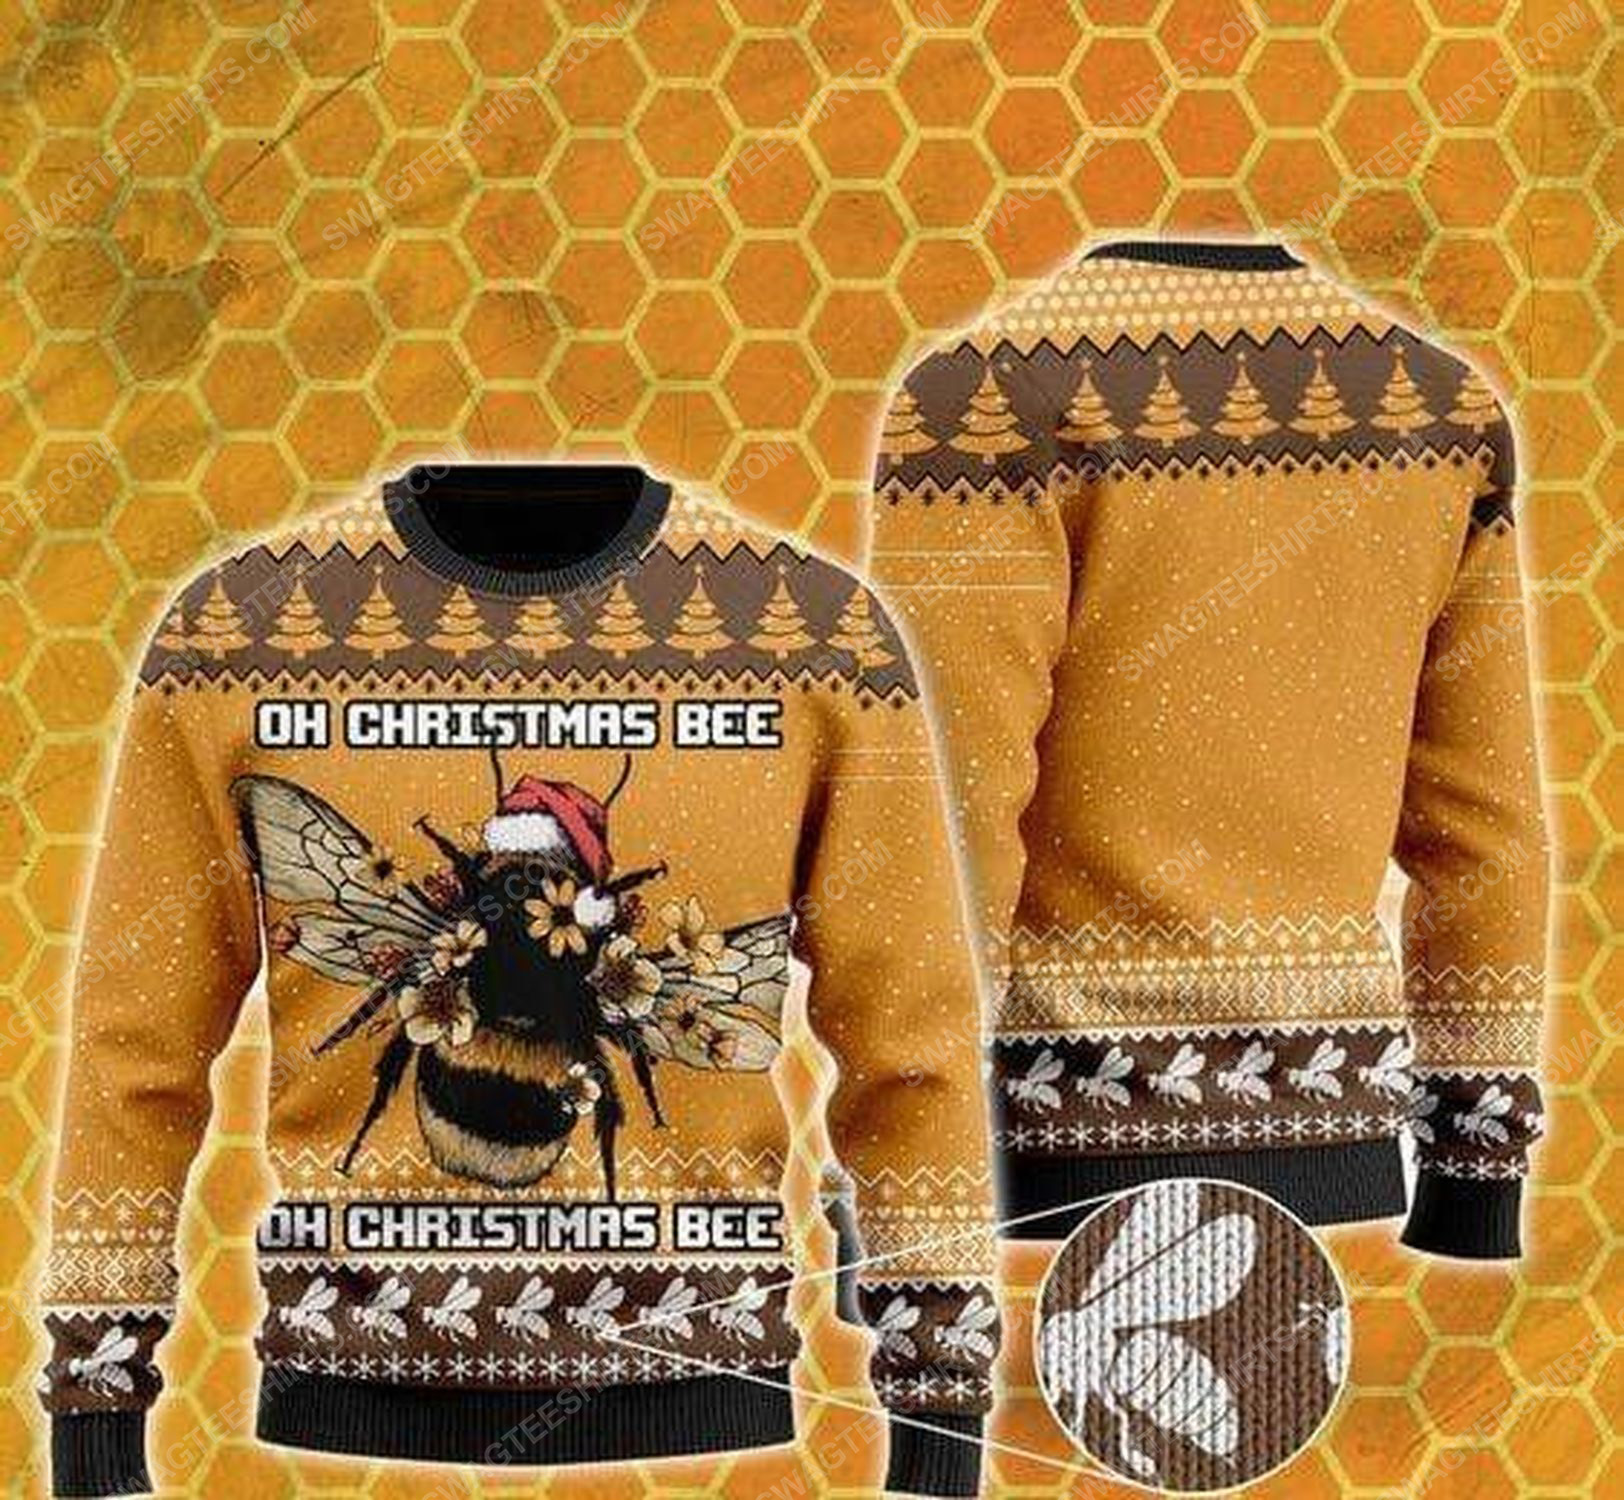 Oh christmas bee all over print ugly christmas sweater 1